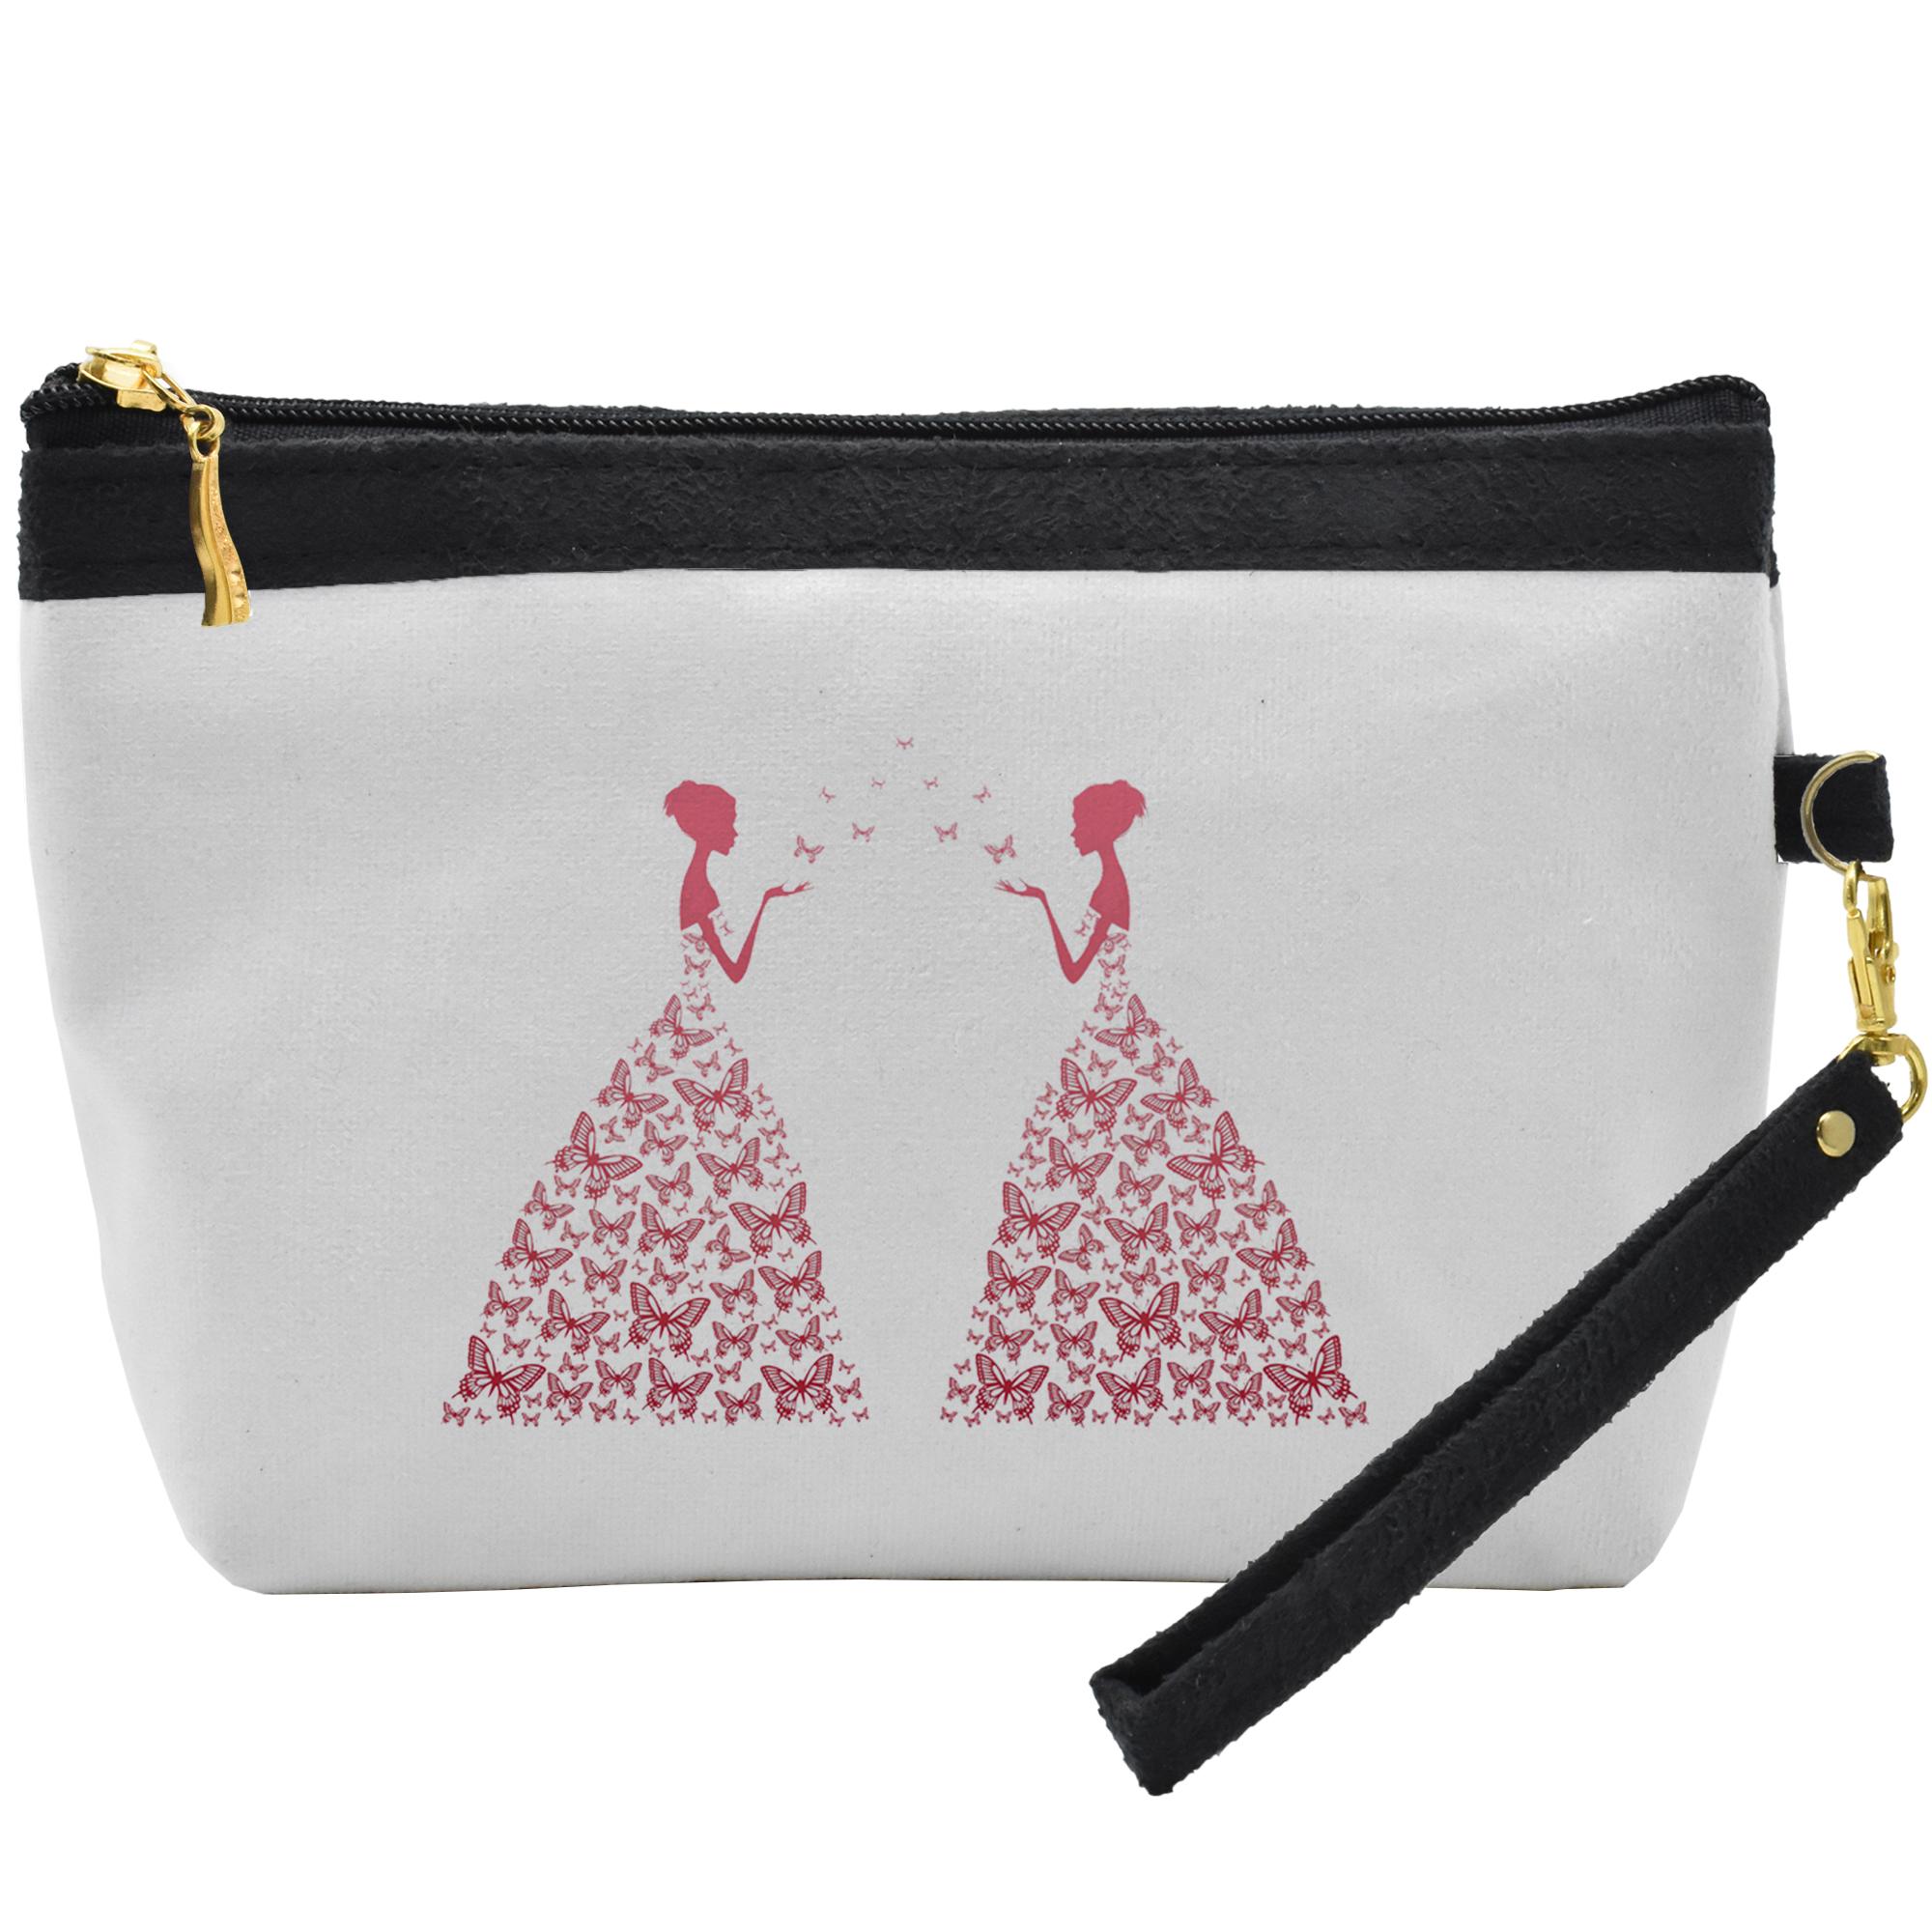 قیمت کیف لوازم آرایشی طرح ButterFly Woman کد C25